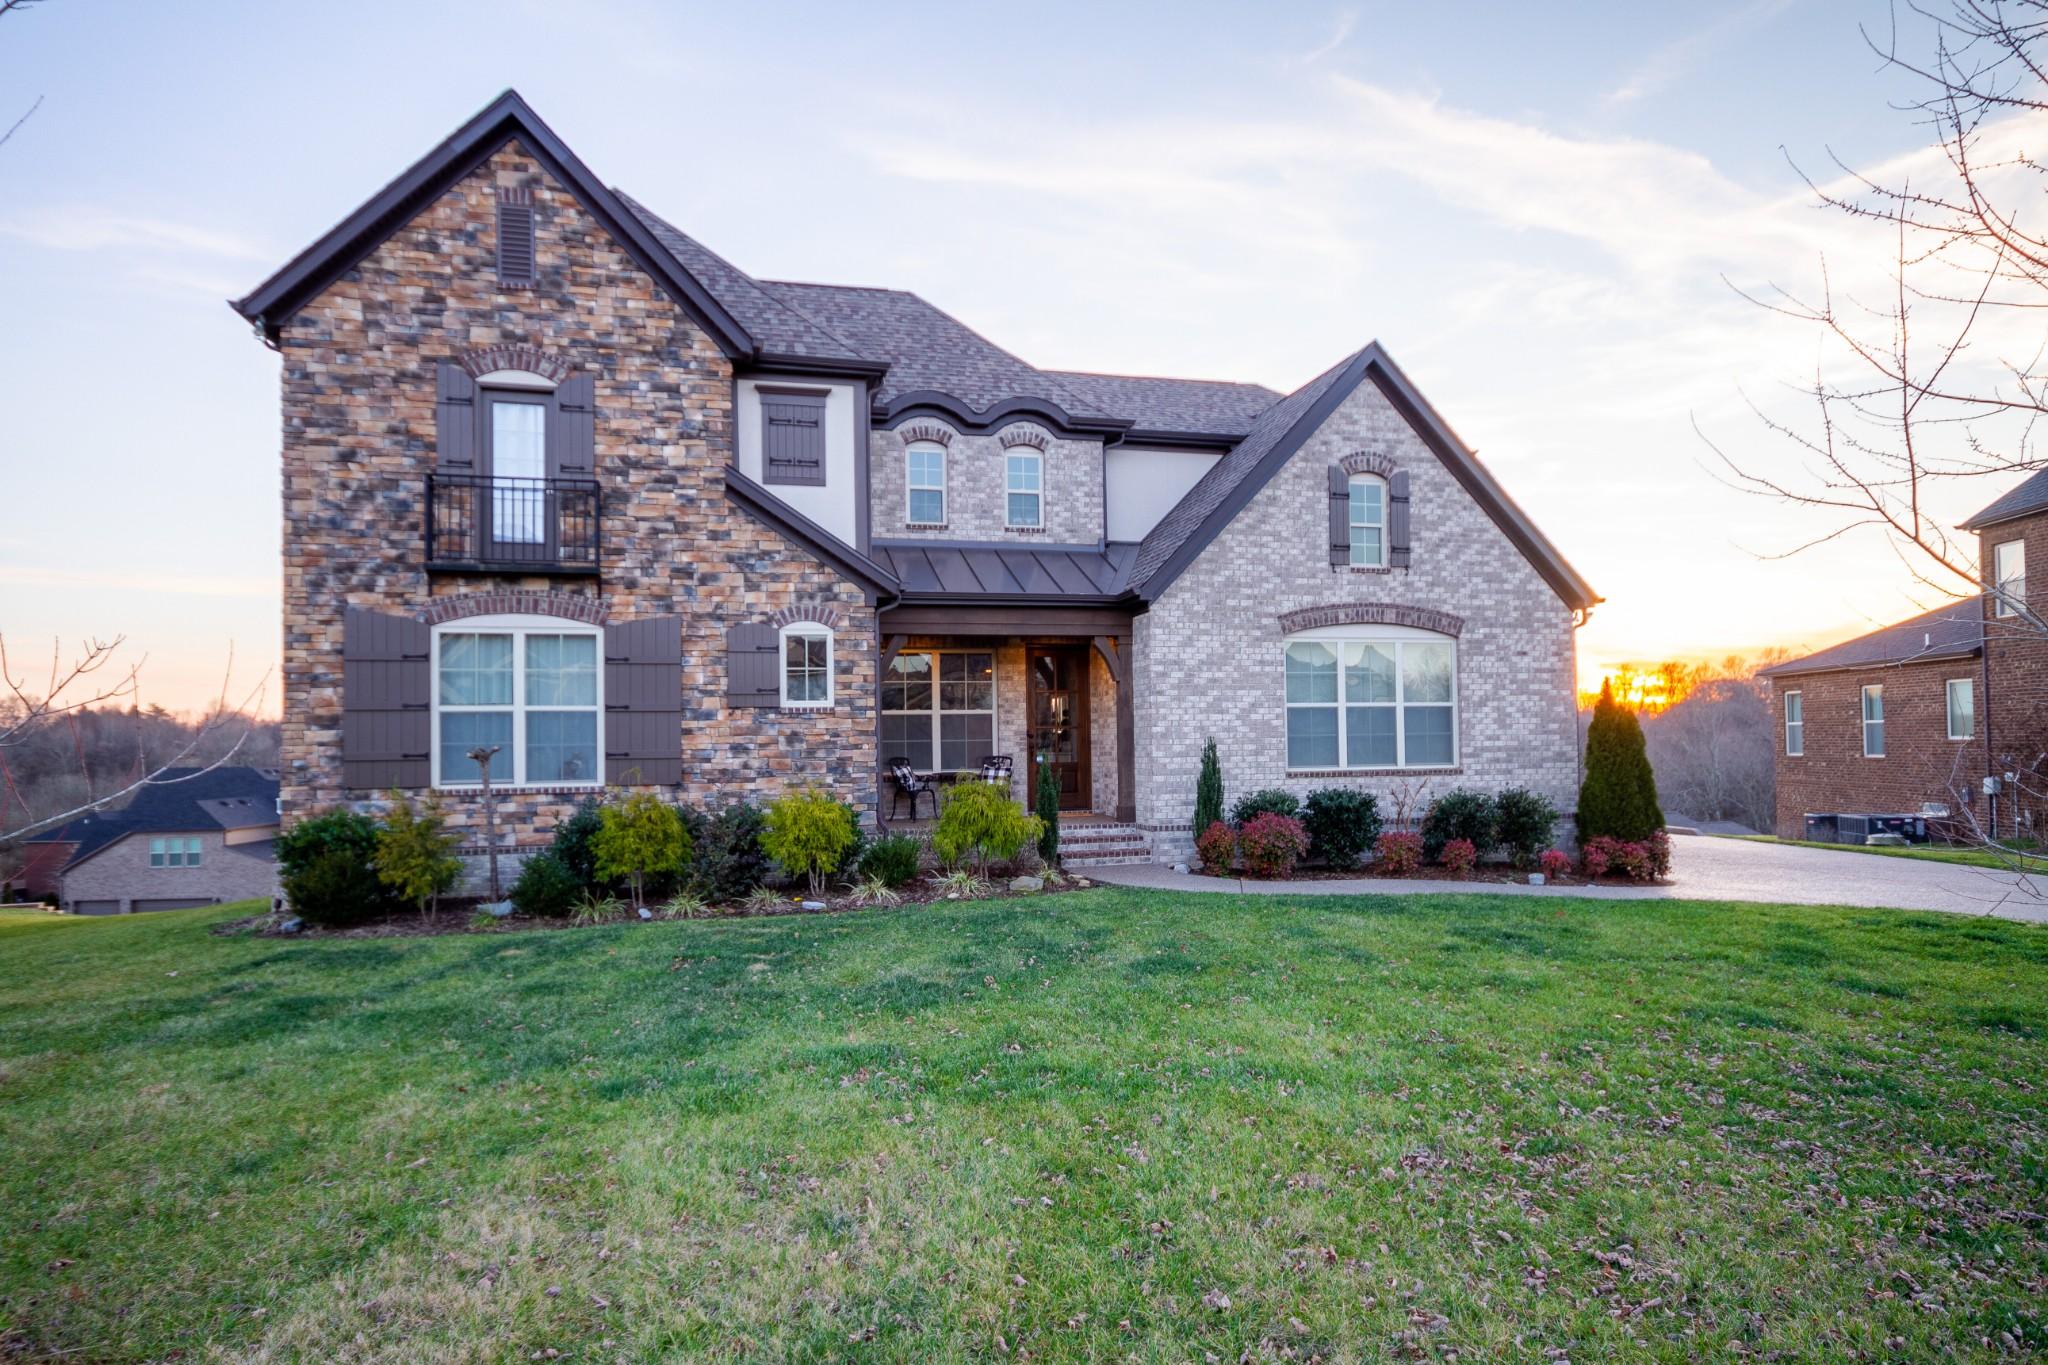 735 French River Rd, Nolensville, TN 37135 - Nolensville, TN real estate listing